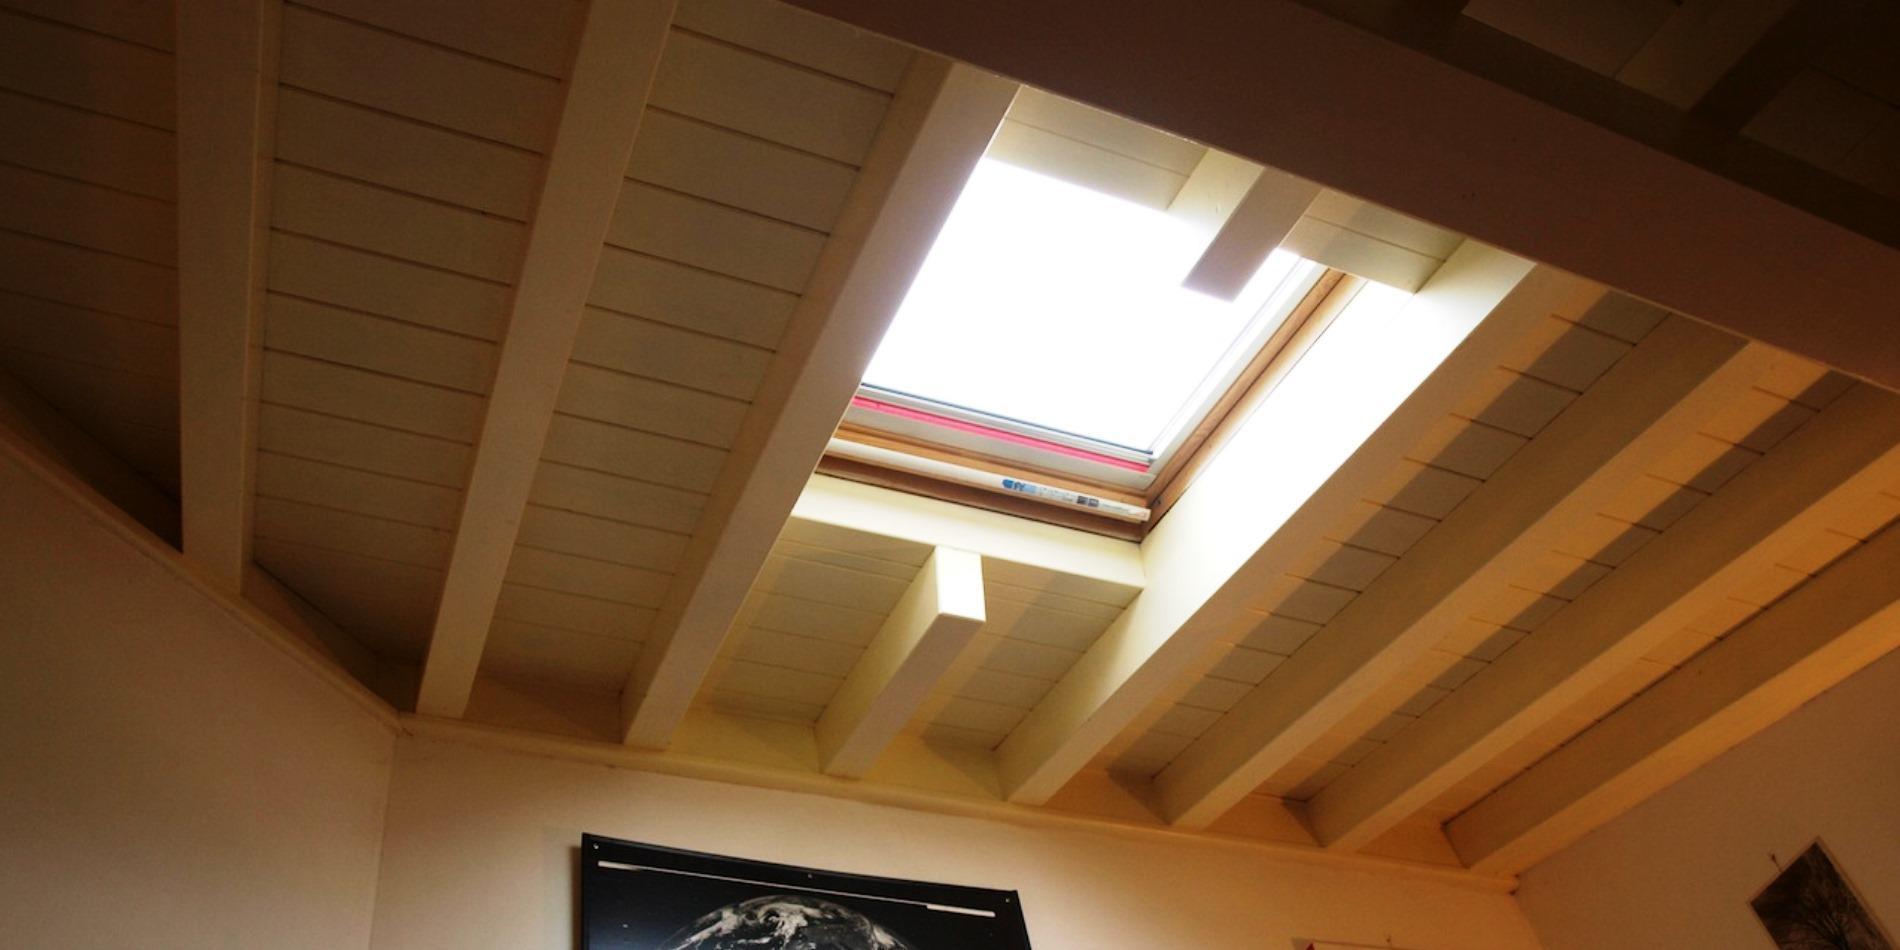 Bozza cav rainieri tetti e strutture in legno for Montaggio velux costo